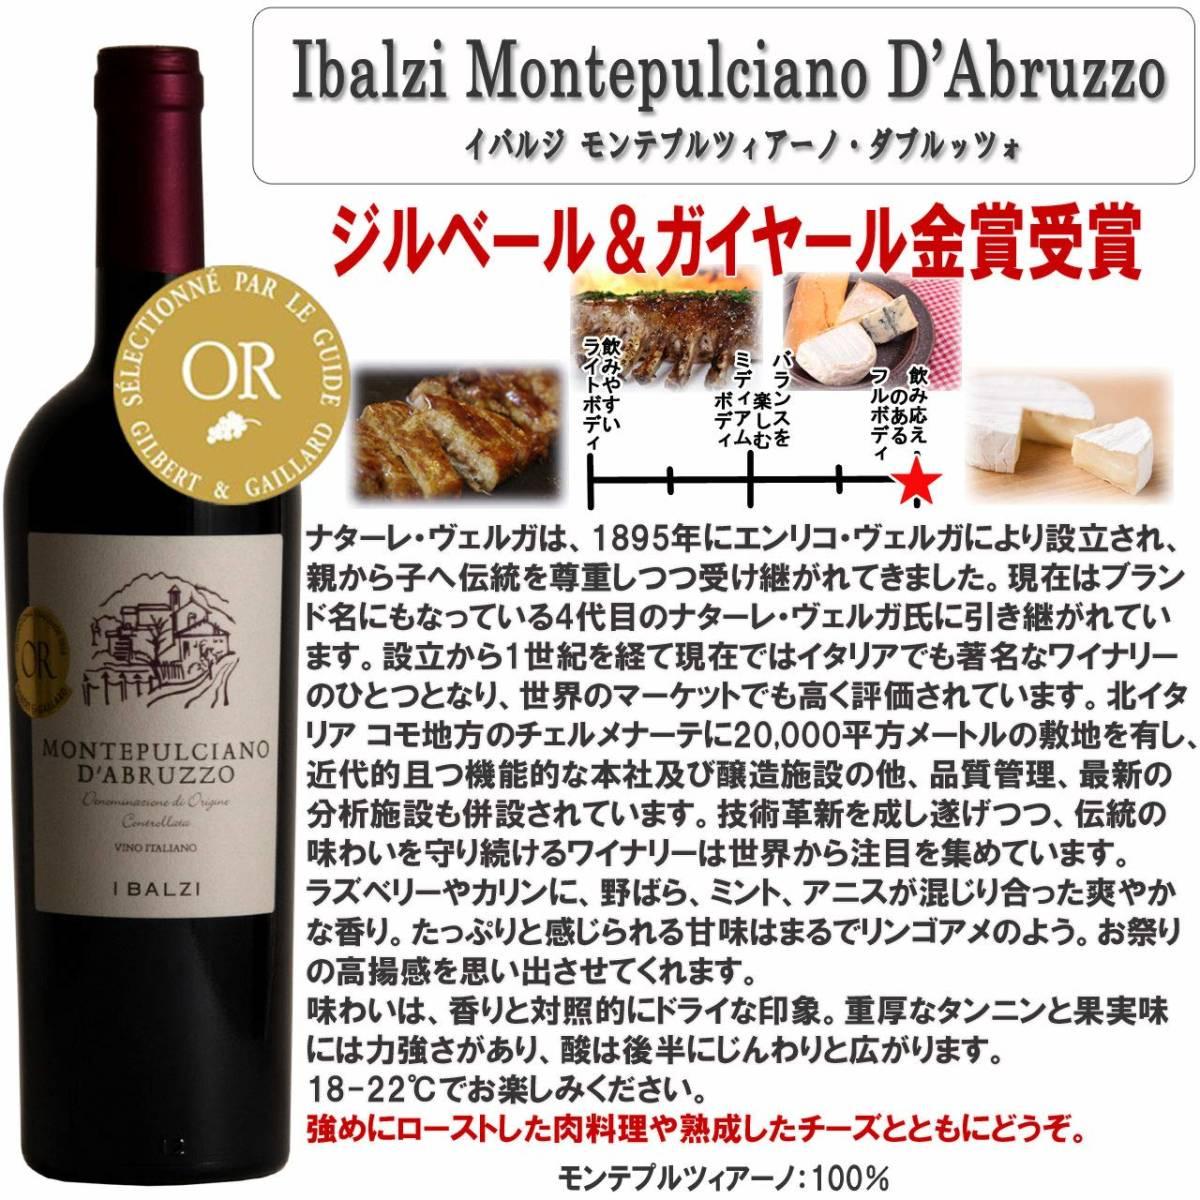 厳選イタリア赤ワイン イタリア名家飲み比べ ソムリエ厳選ワインセット 赤ワイン 750ml 5本_画像5